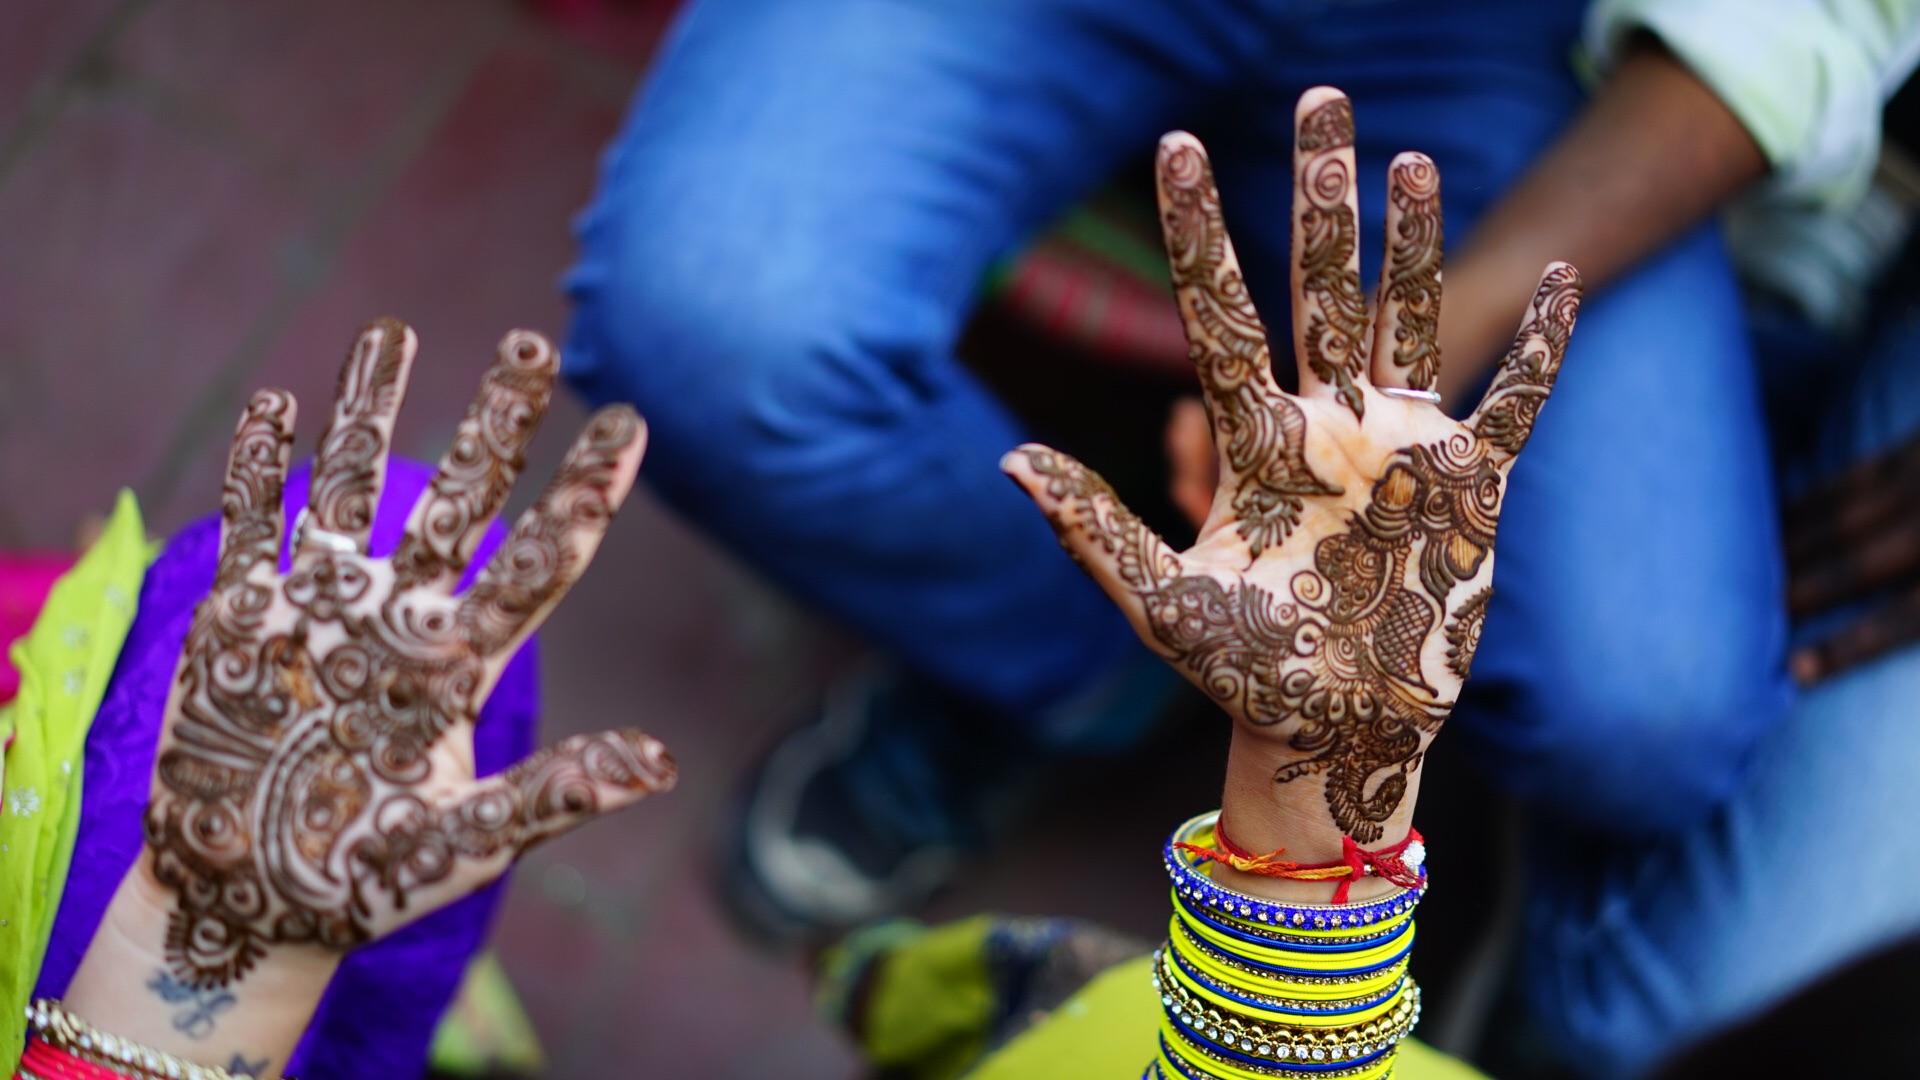 Henna from India